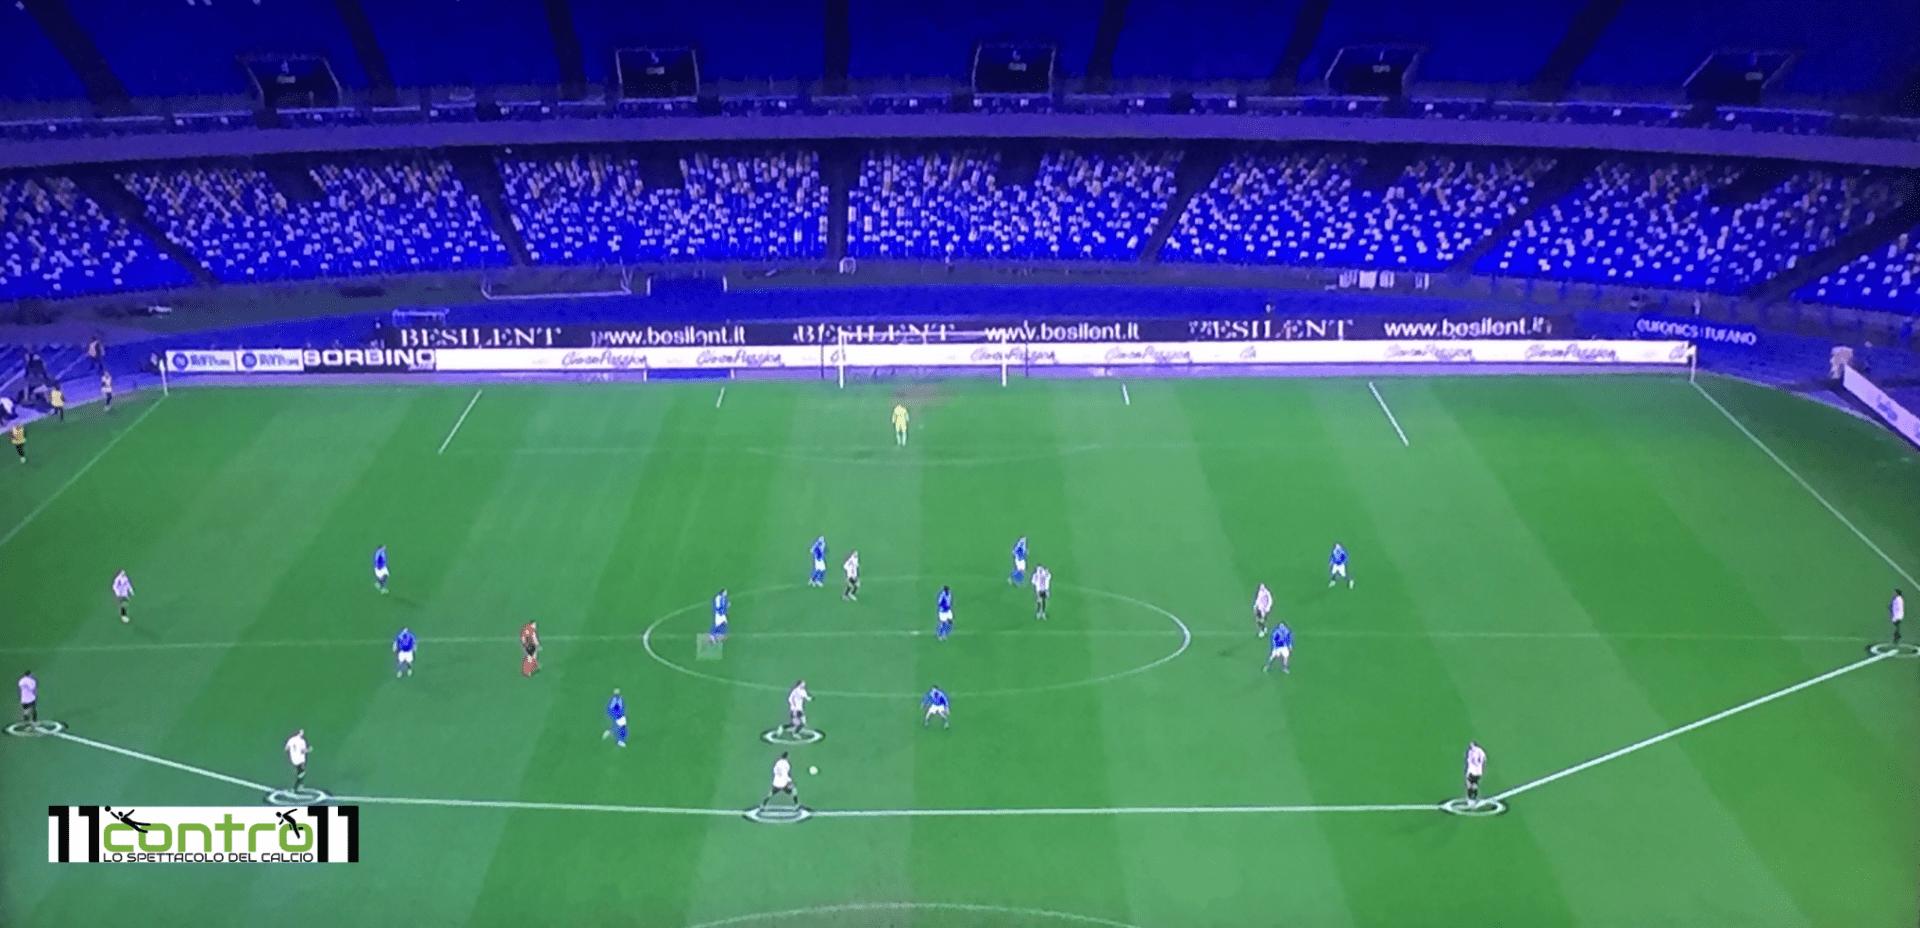 Napoli-Juventus (1-0): analisi tattica e considerazioni